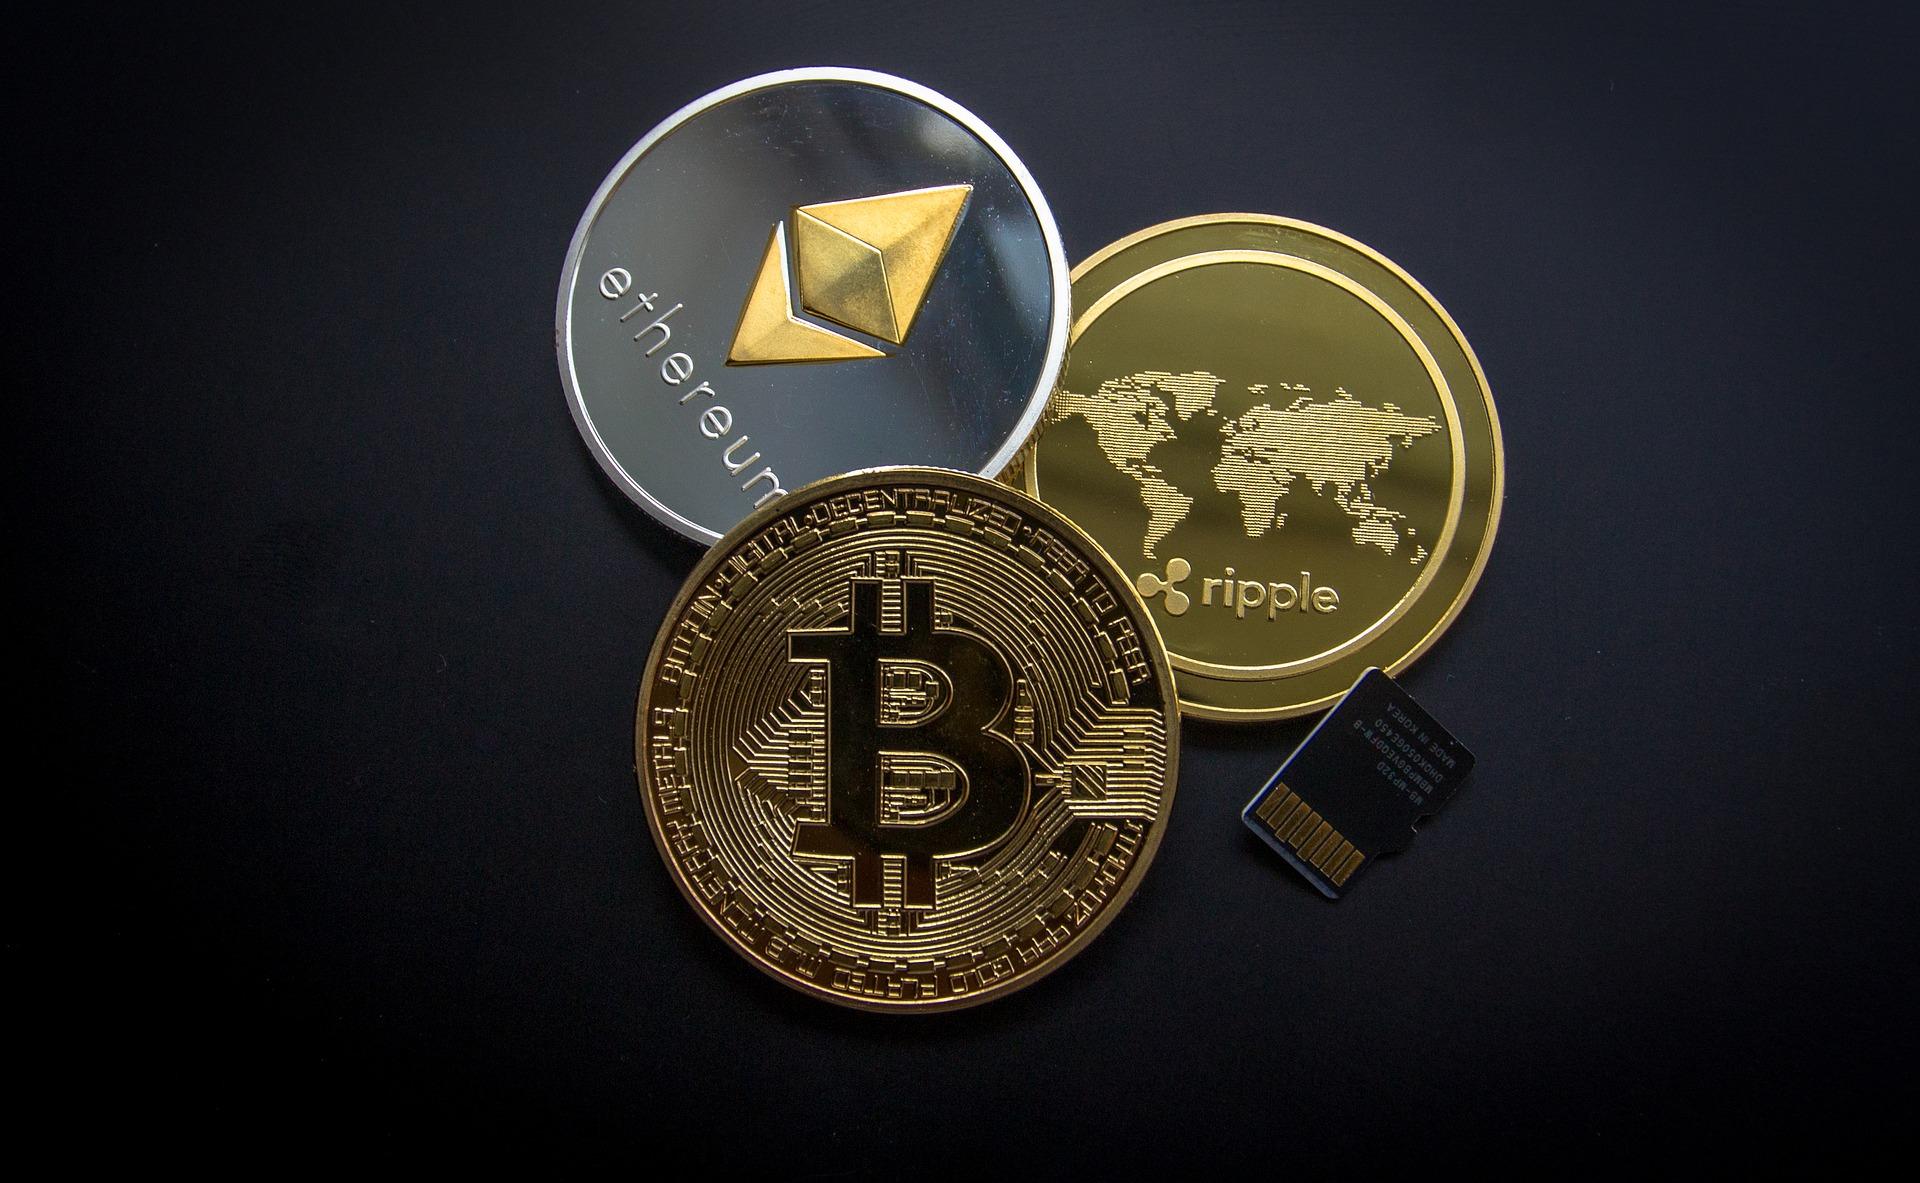 Bitcoin : des banques interdisent l'achat de cryptomonnaies via cartes de crédit